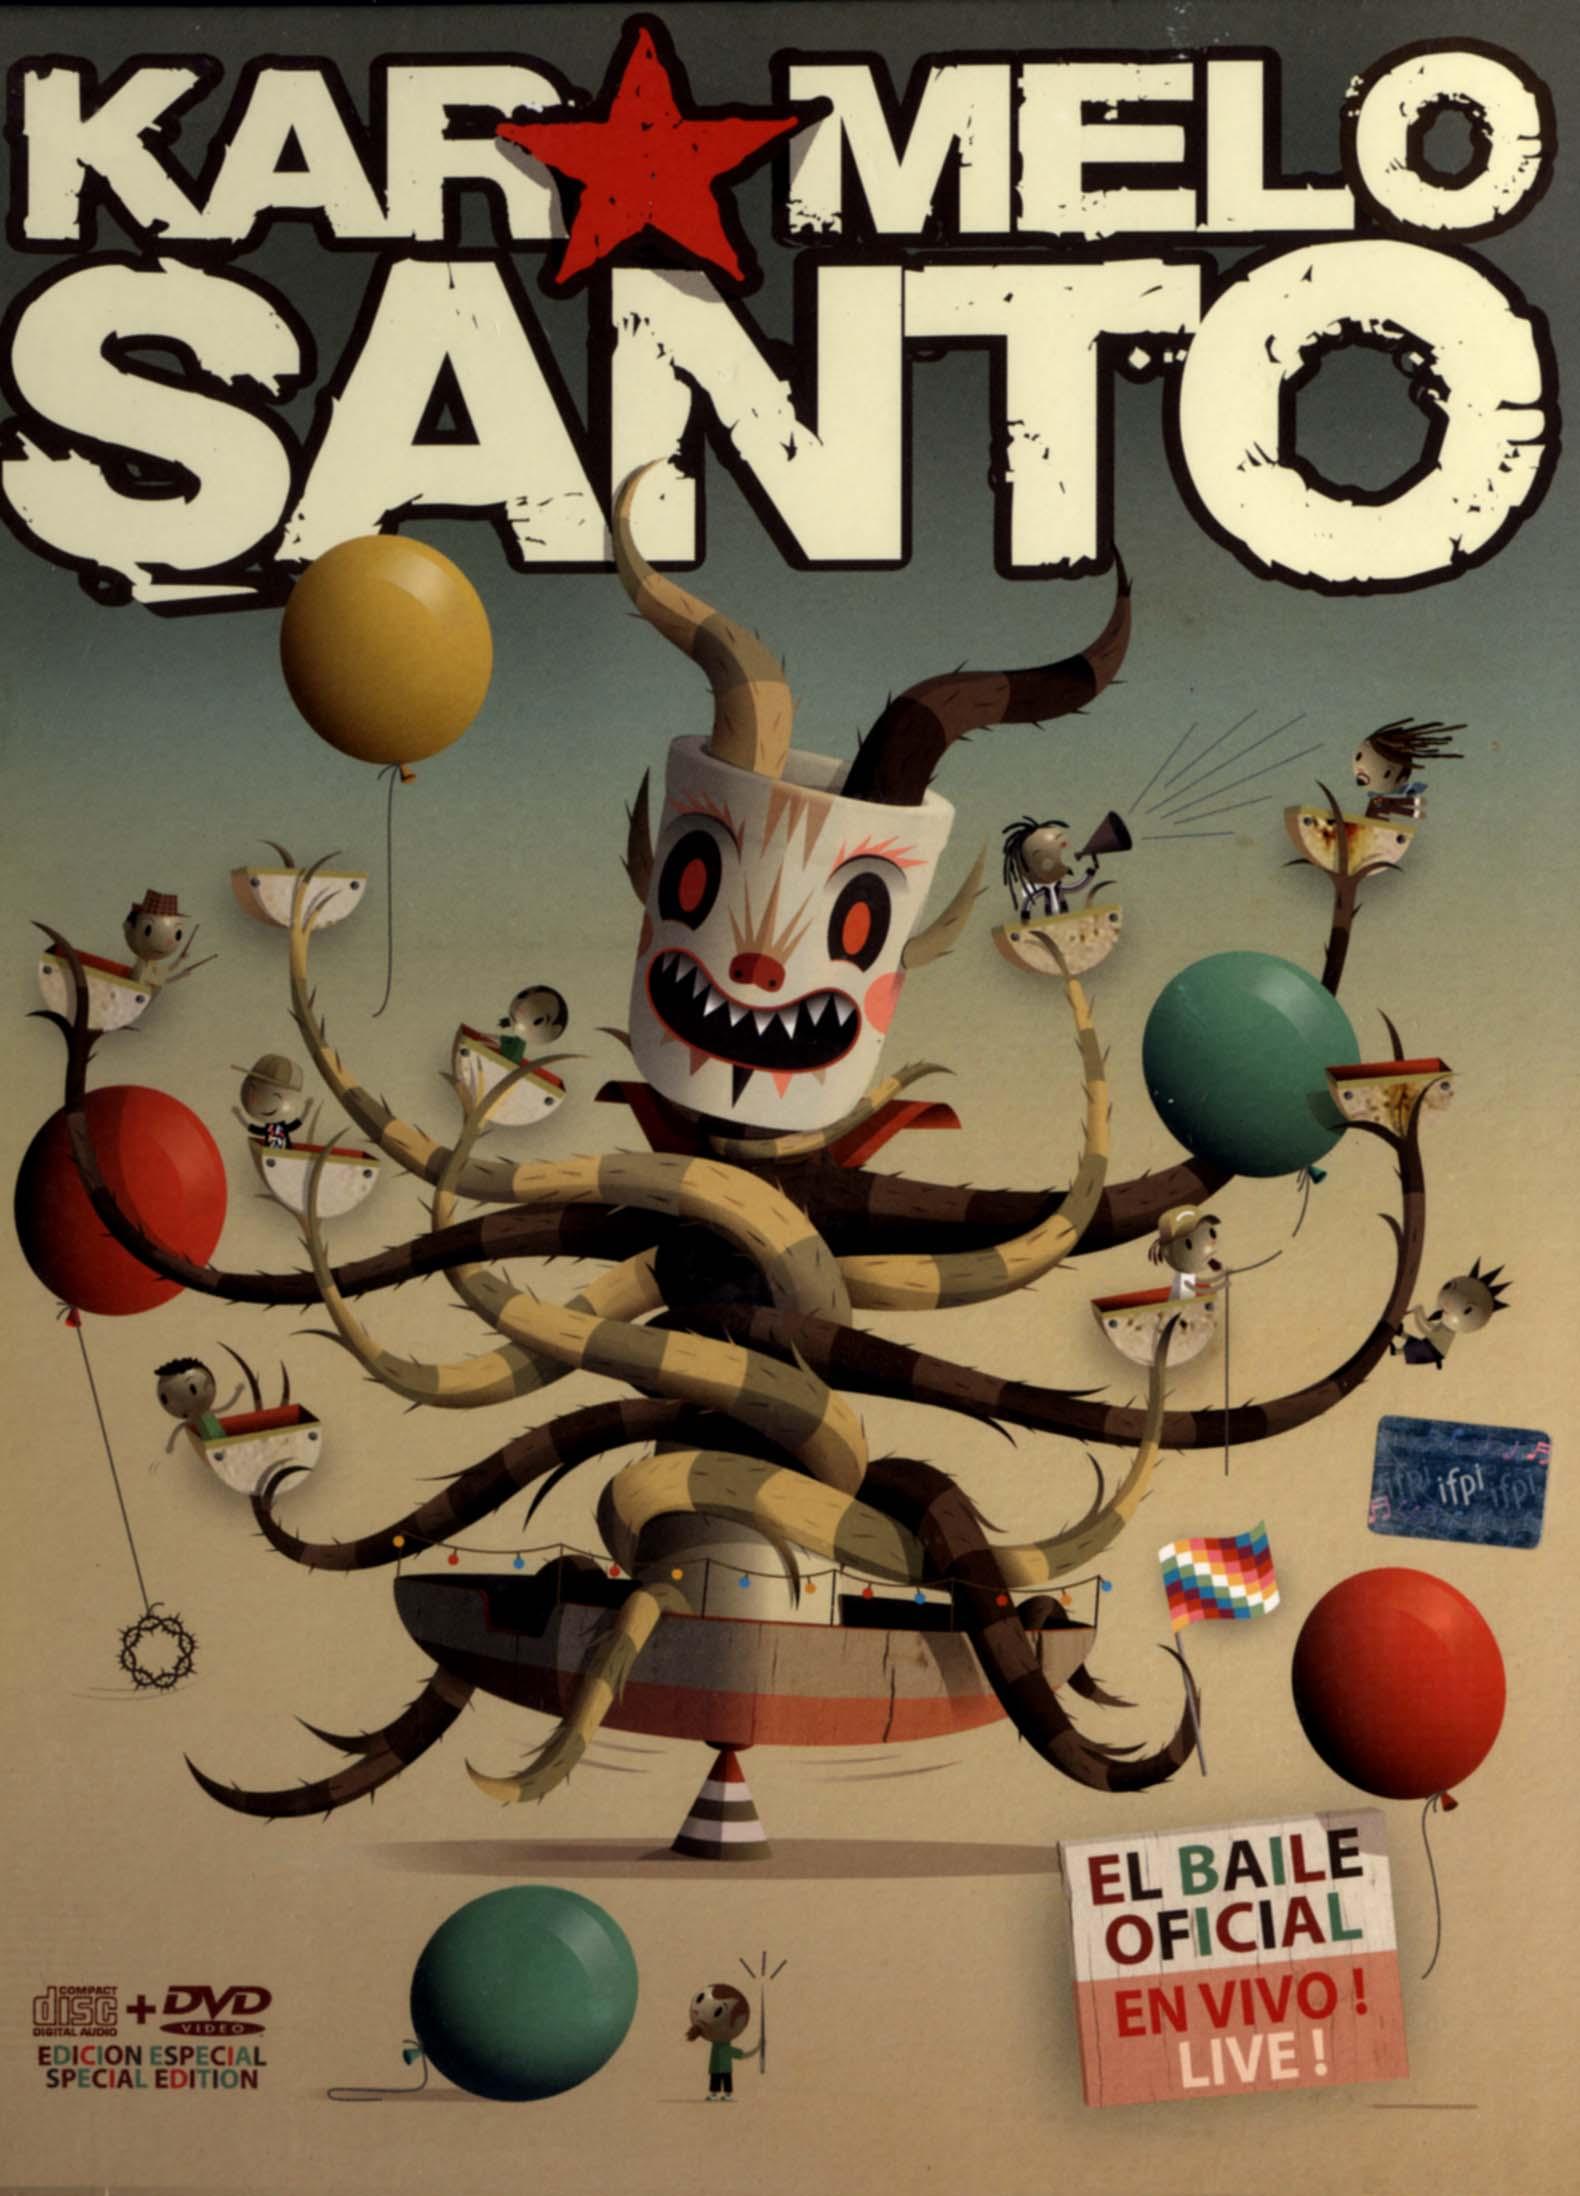 Karmelo Santo: El Baile Oficial - En Vivo/Live